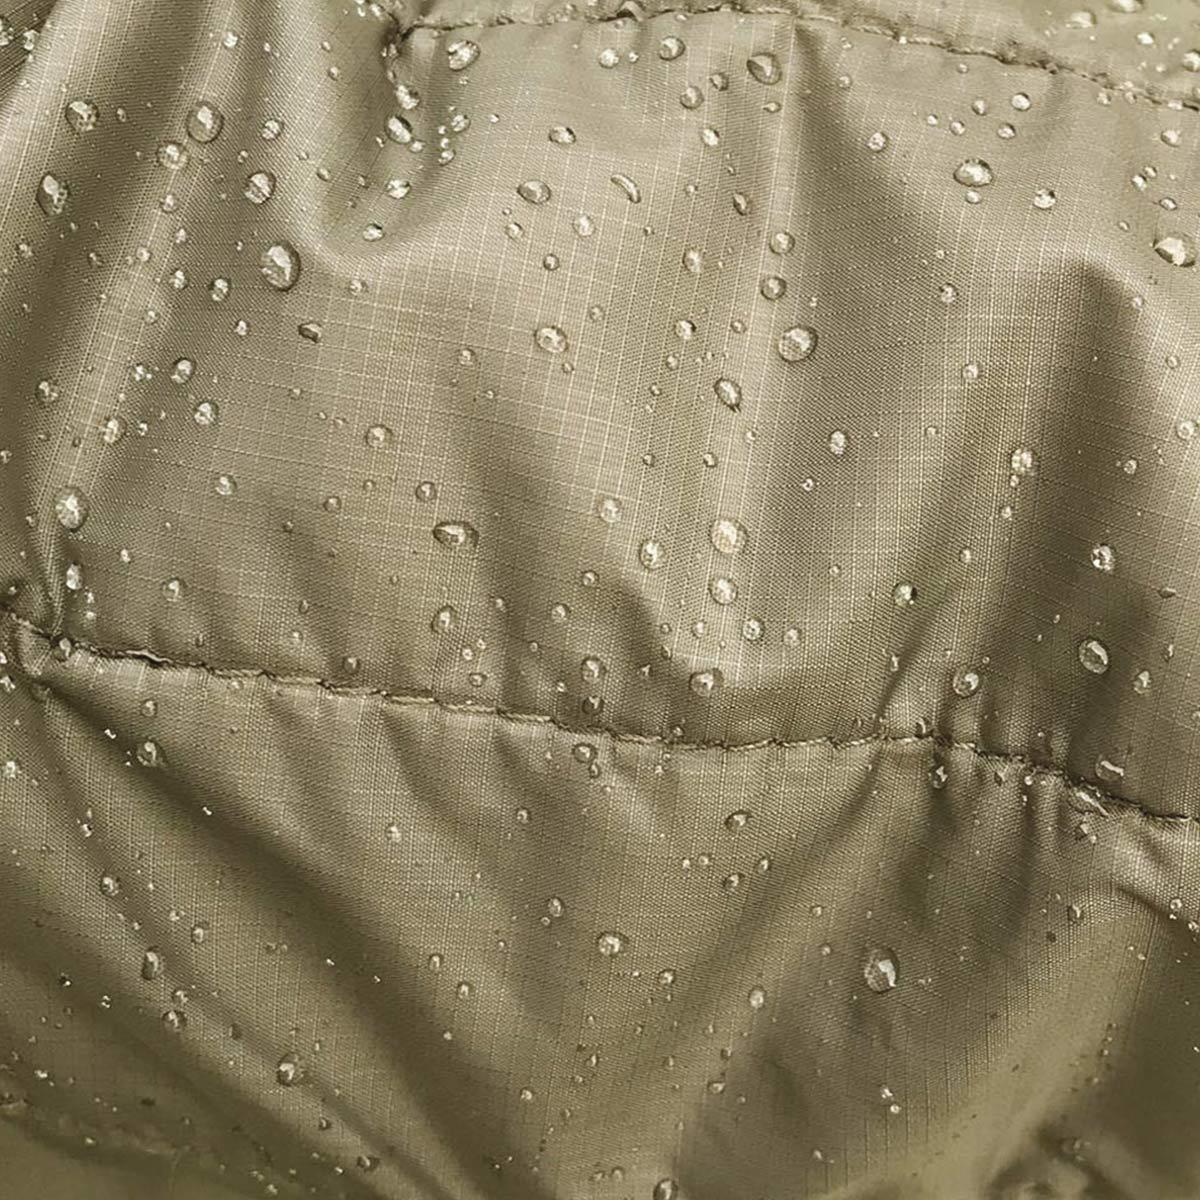 Filson Ultra Light Jacket Olive Branch, PrimaLoft Gold's überzeugende Leistung, es behält 98% seiner Isolierfähigkeit, wenn es nass ist